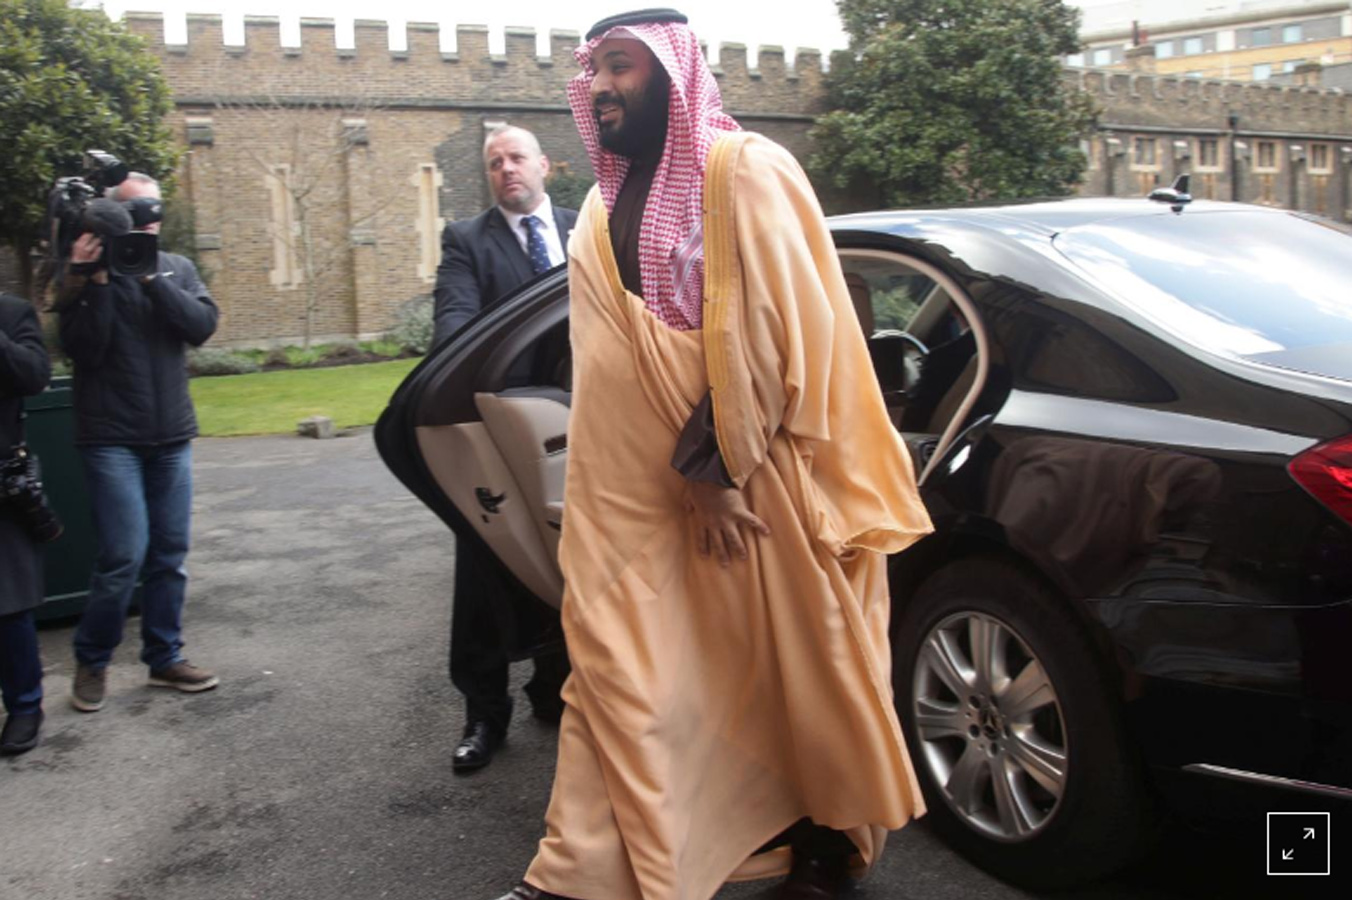 Thái tử Ả Rập Saudi tuyên bố sẽ chế tạo bom nguyên tử nếu Iran có vũ khí này